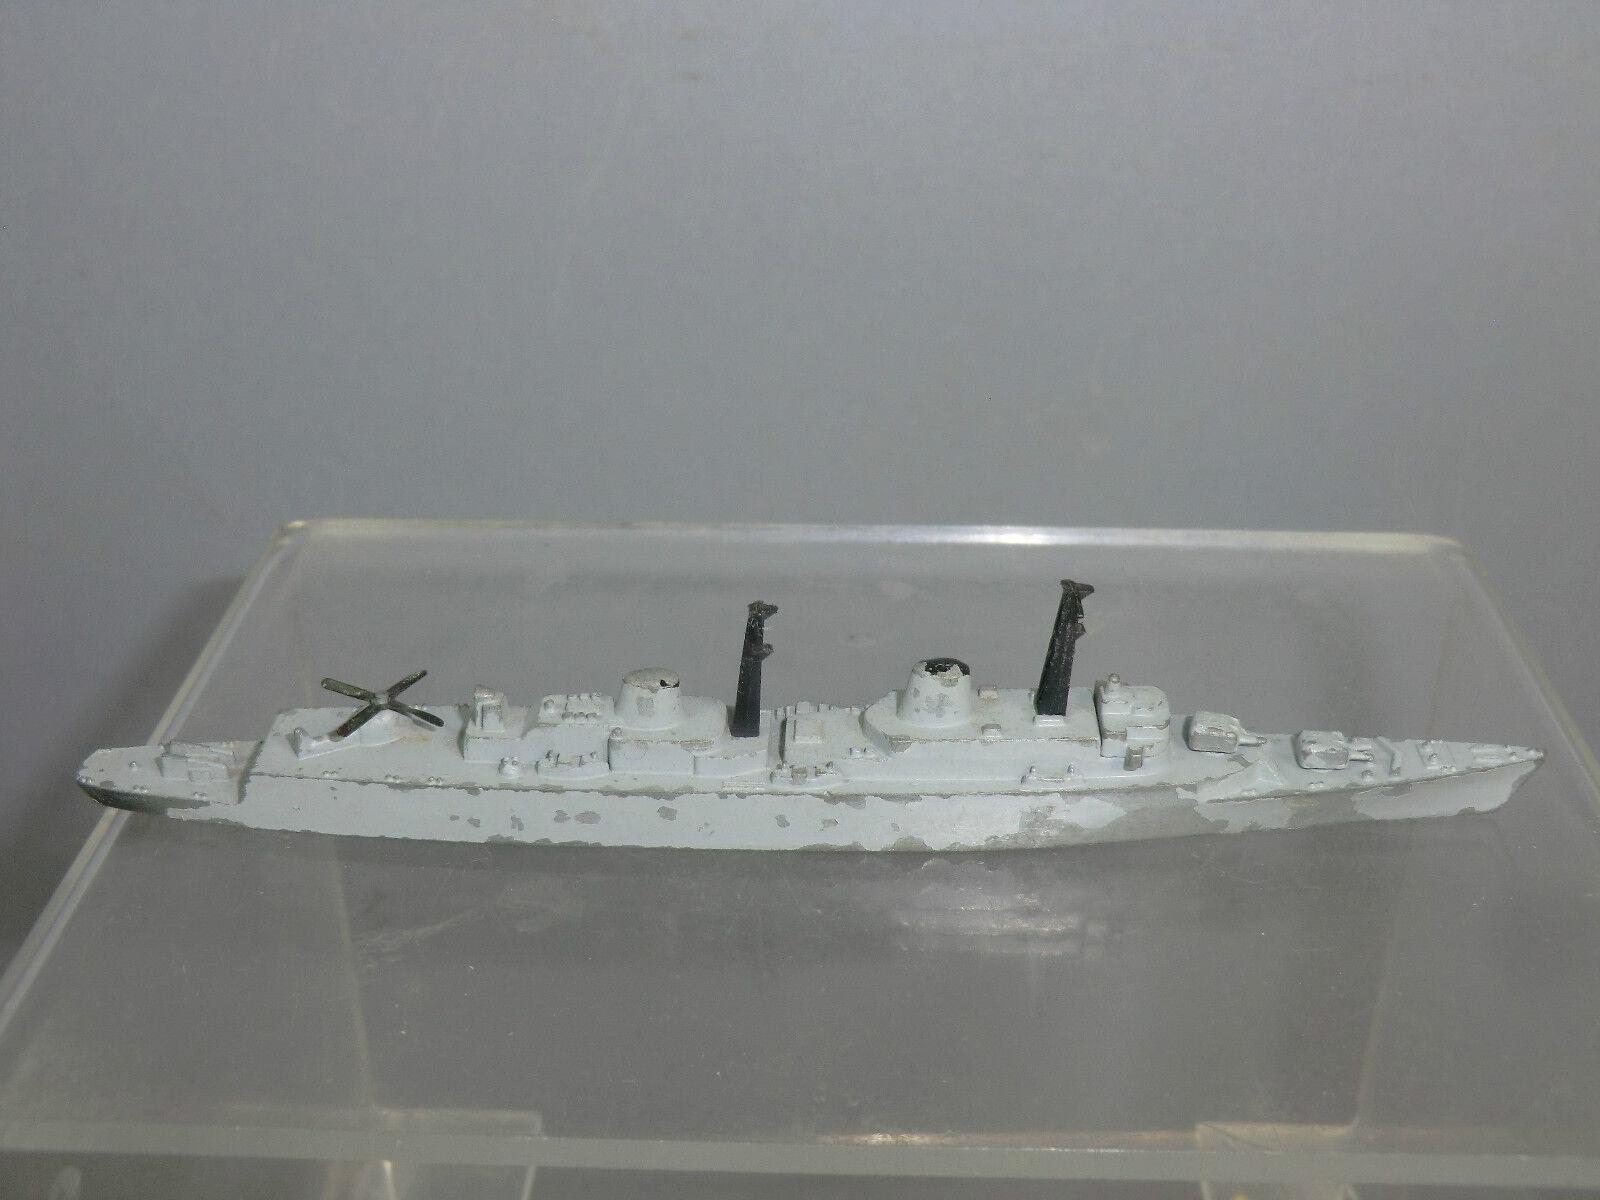 alta calidad general Vintage Tri-ang Tri-ang Tri-ang Minic Línea De Flotación Modelo No.783  HMS Hampshire  destructor de misiles  compras online de deportes